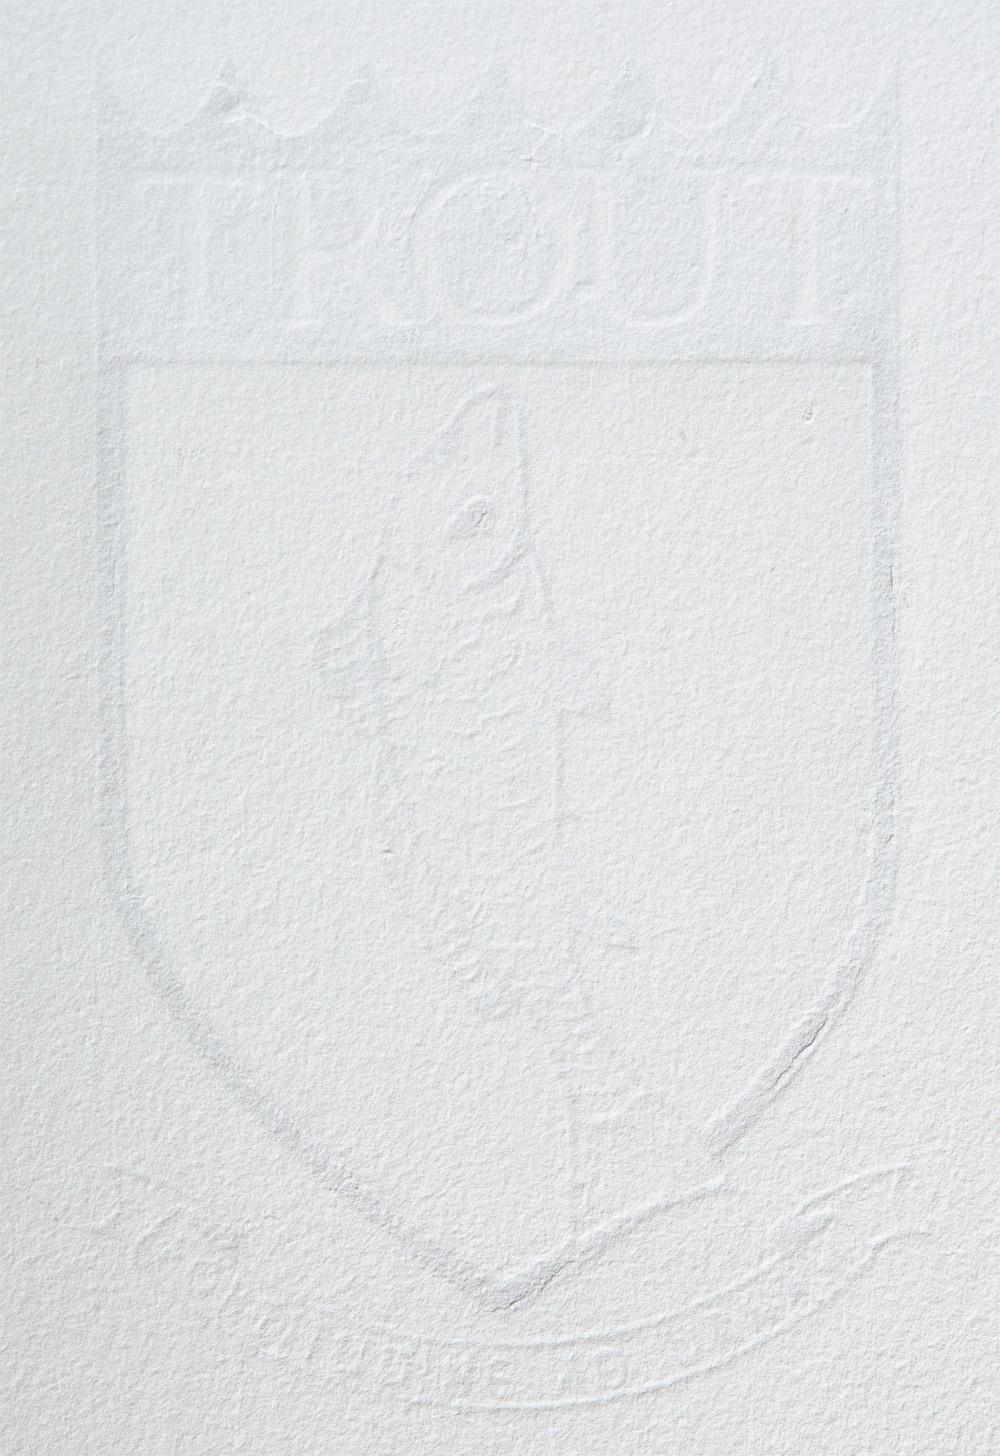 Acceptance Letter Detail View2